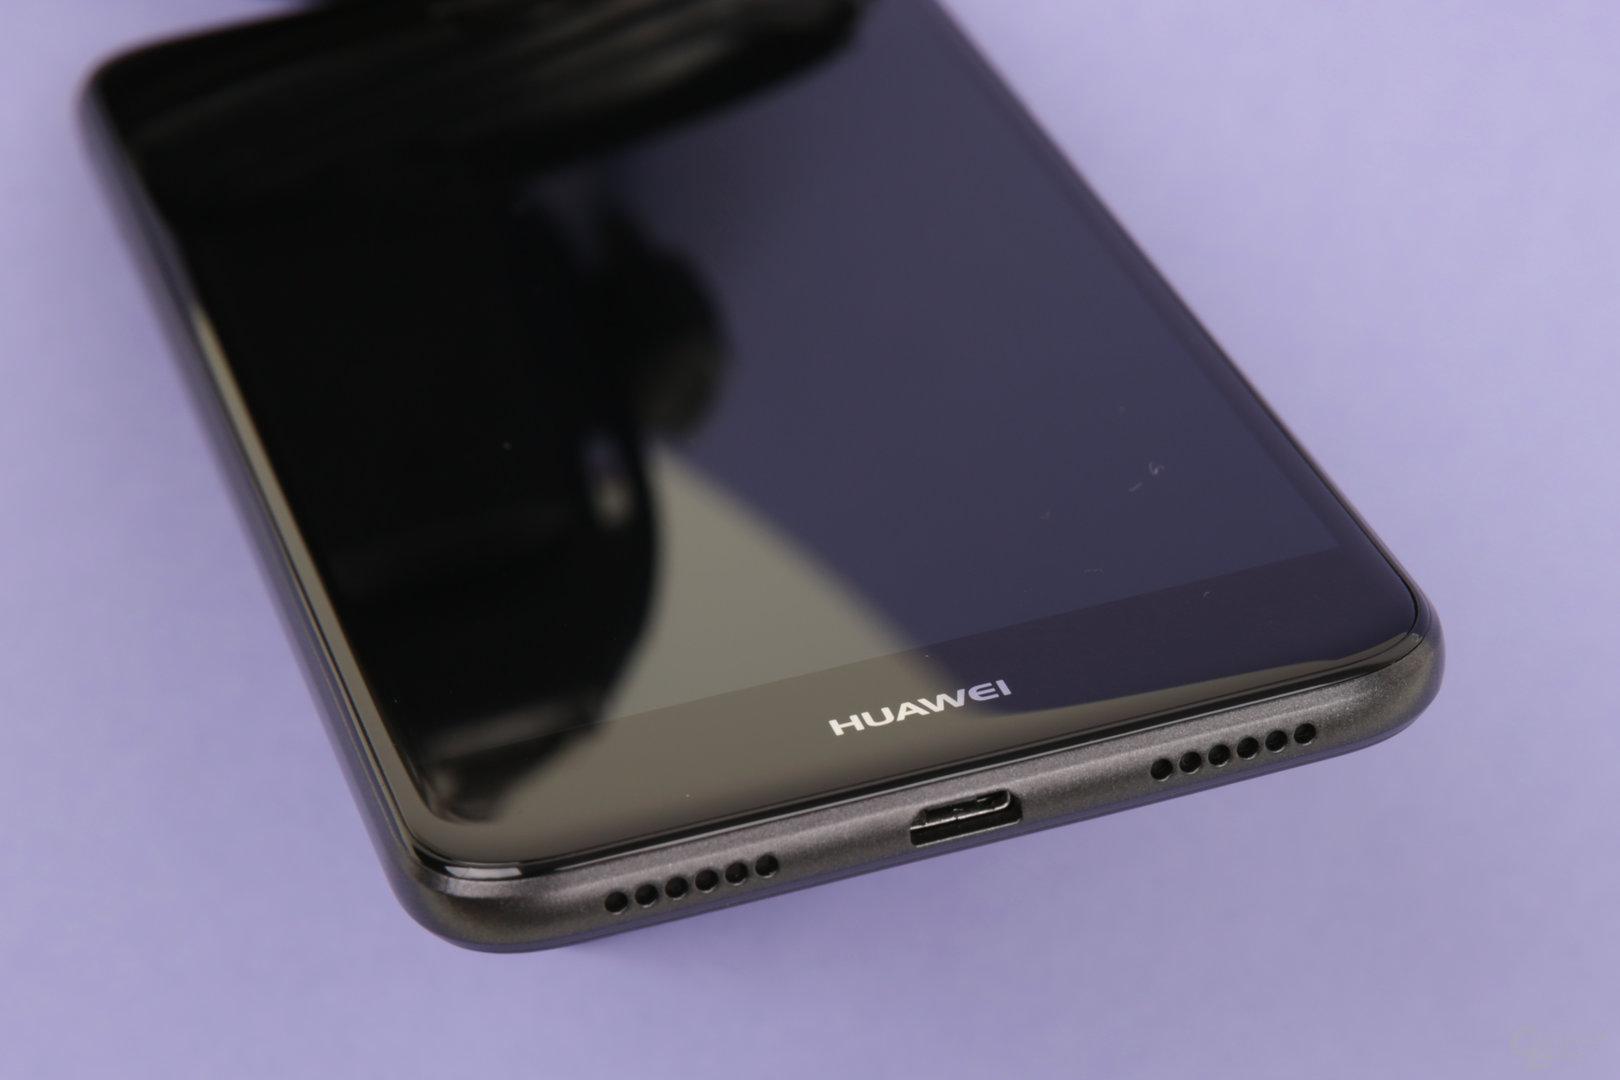 Aufgeladen wird das P8 Lite 2017 mit 5 Watt über Micro-USB 2.0